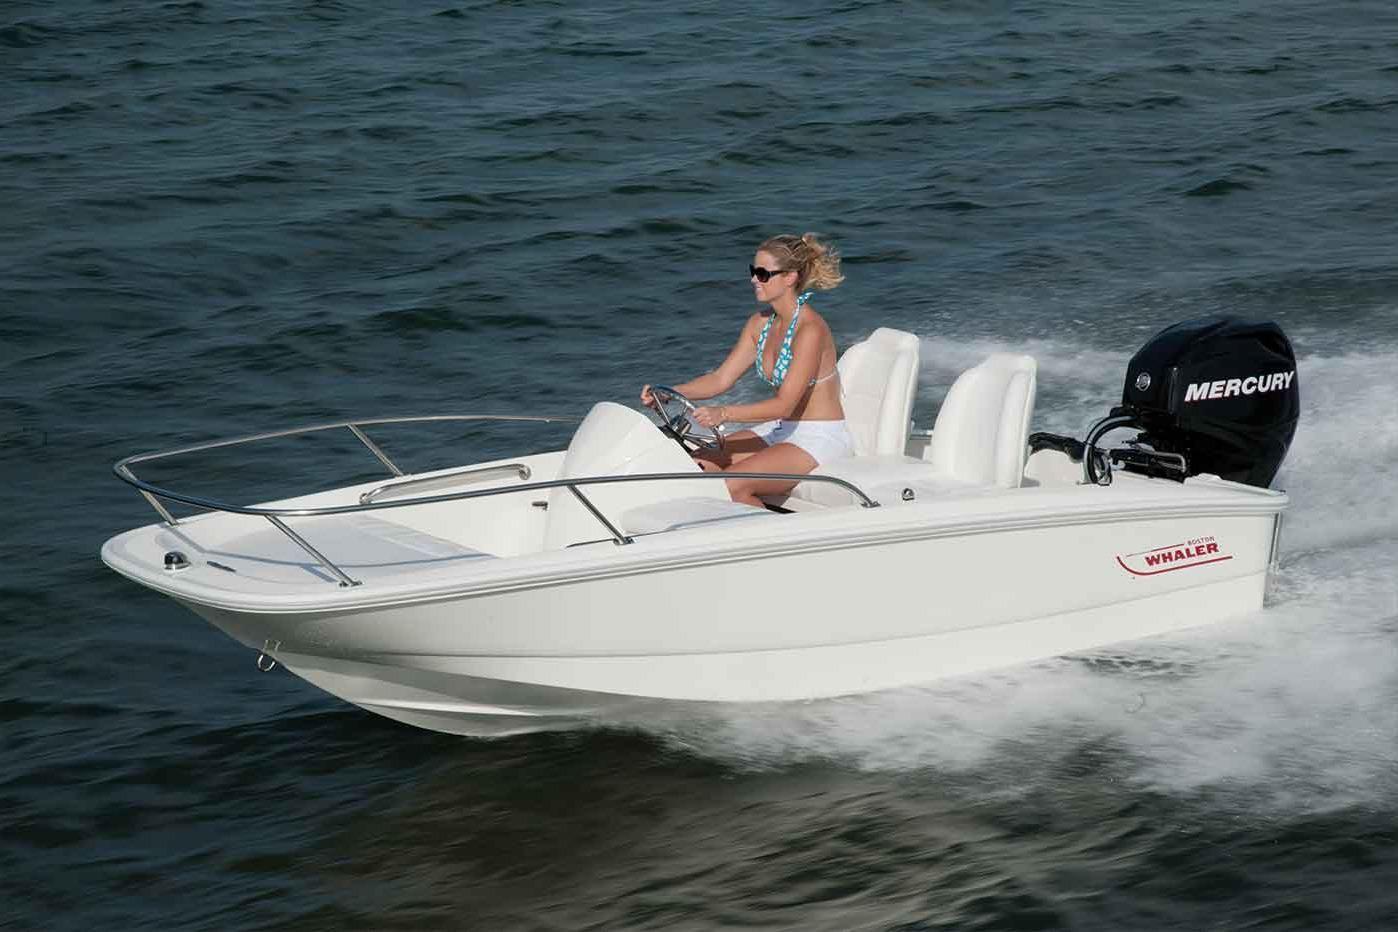 2017 Boston Whaler 130 Super Sport Power Boat For Sale